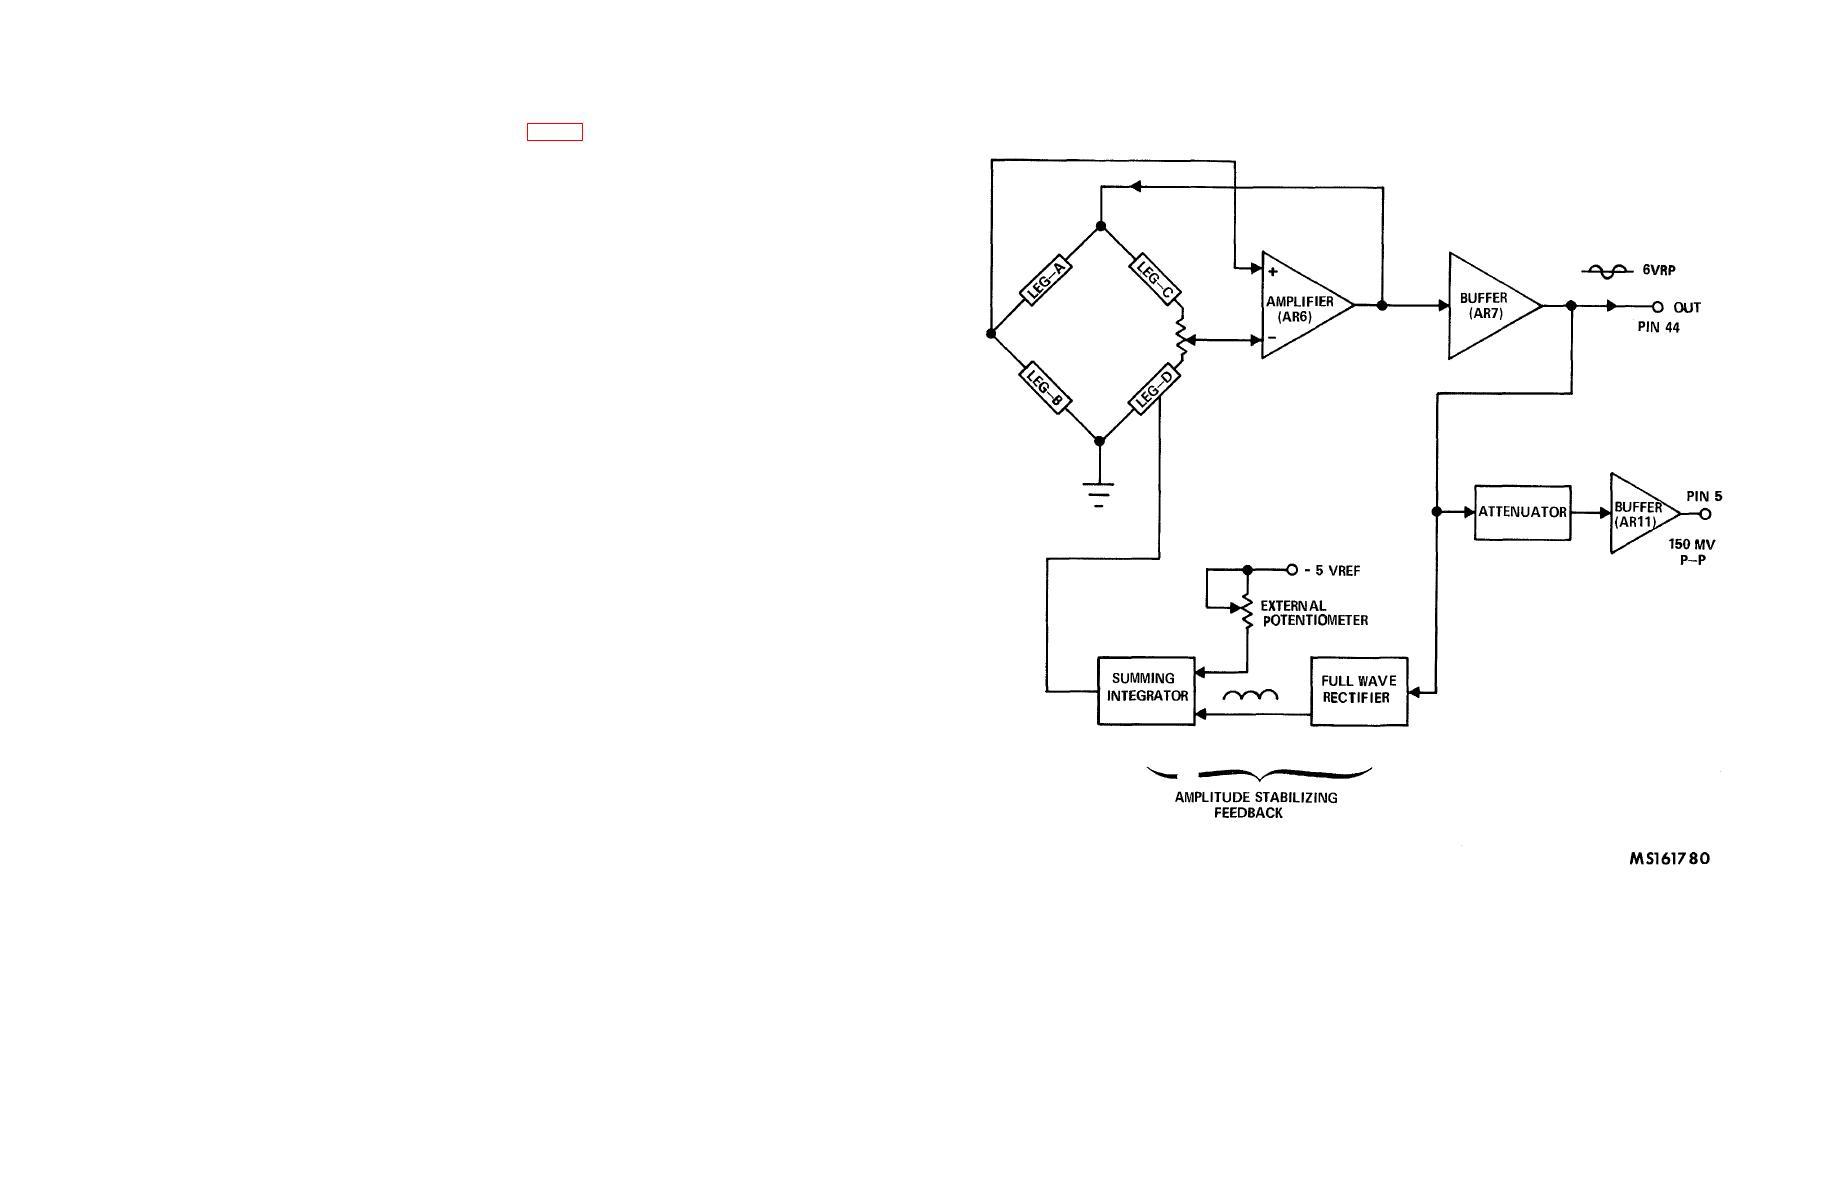 wein bridge oscillator circuit diagram 95 honda civic fuse figure 3 31 block of tm